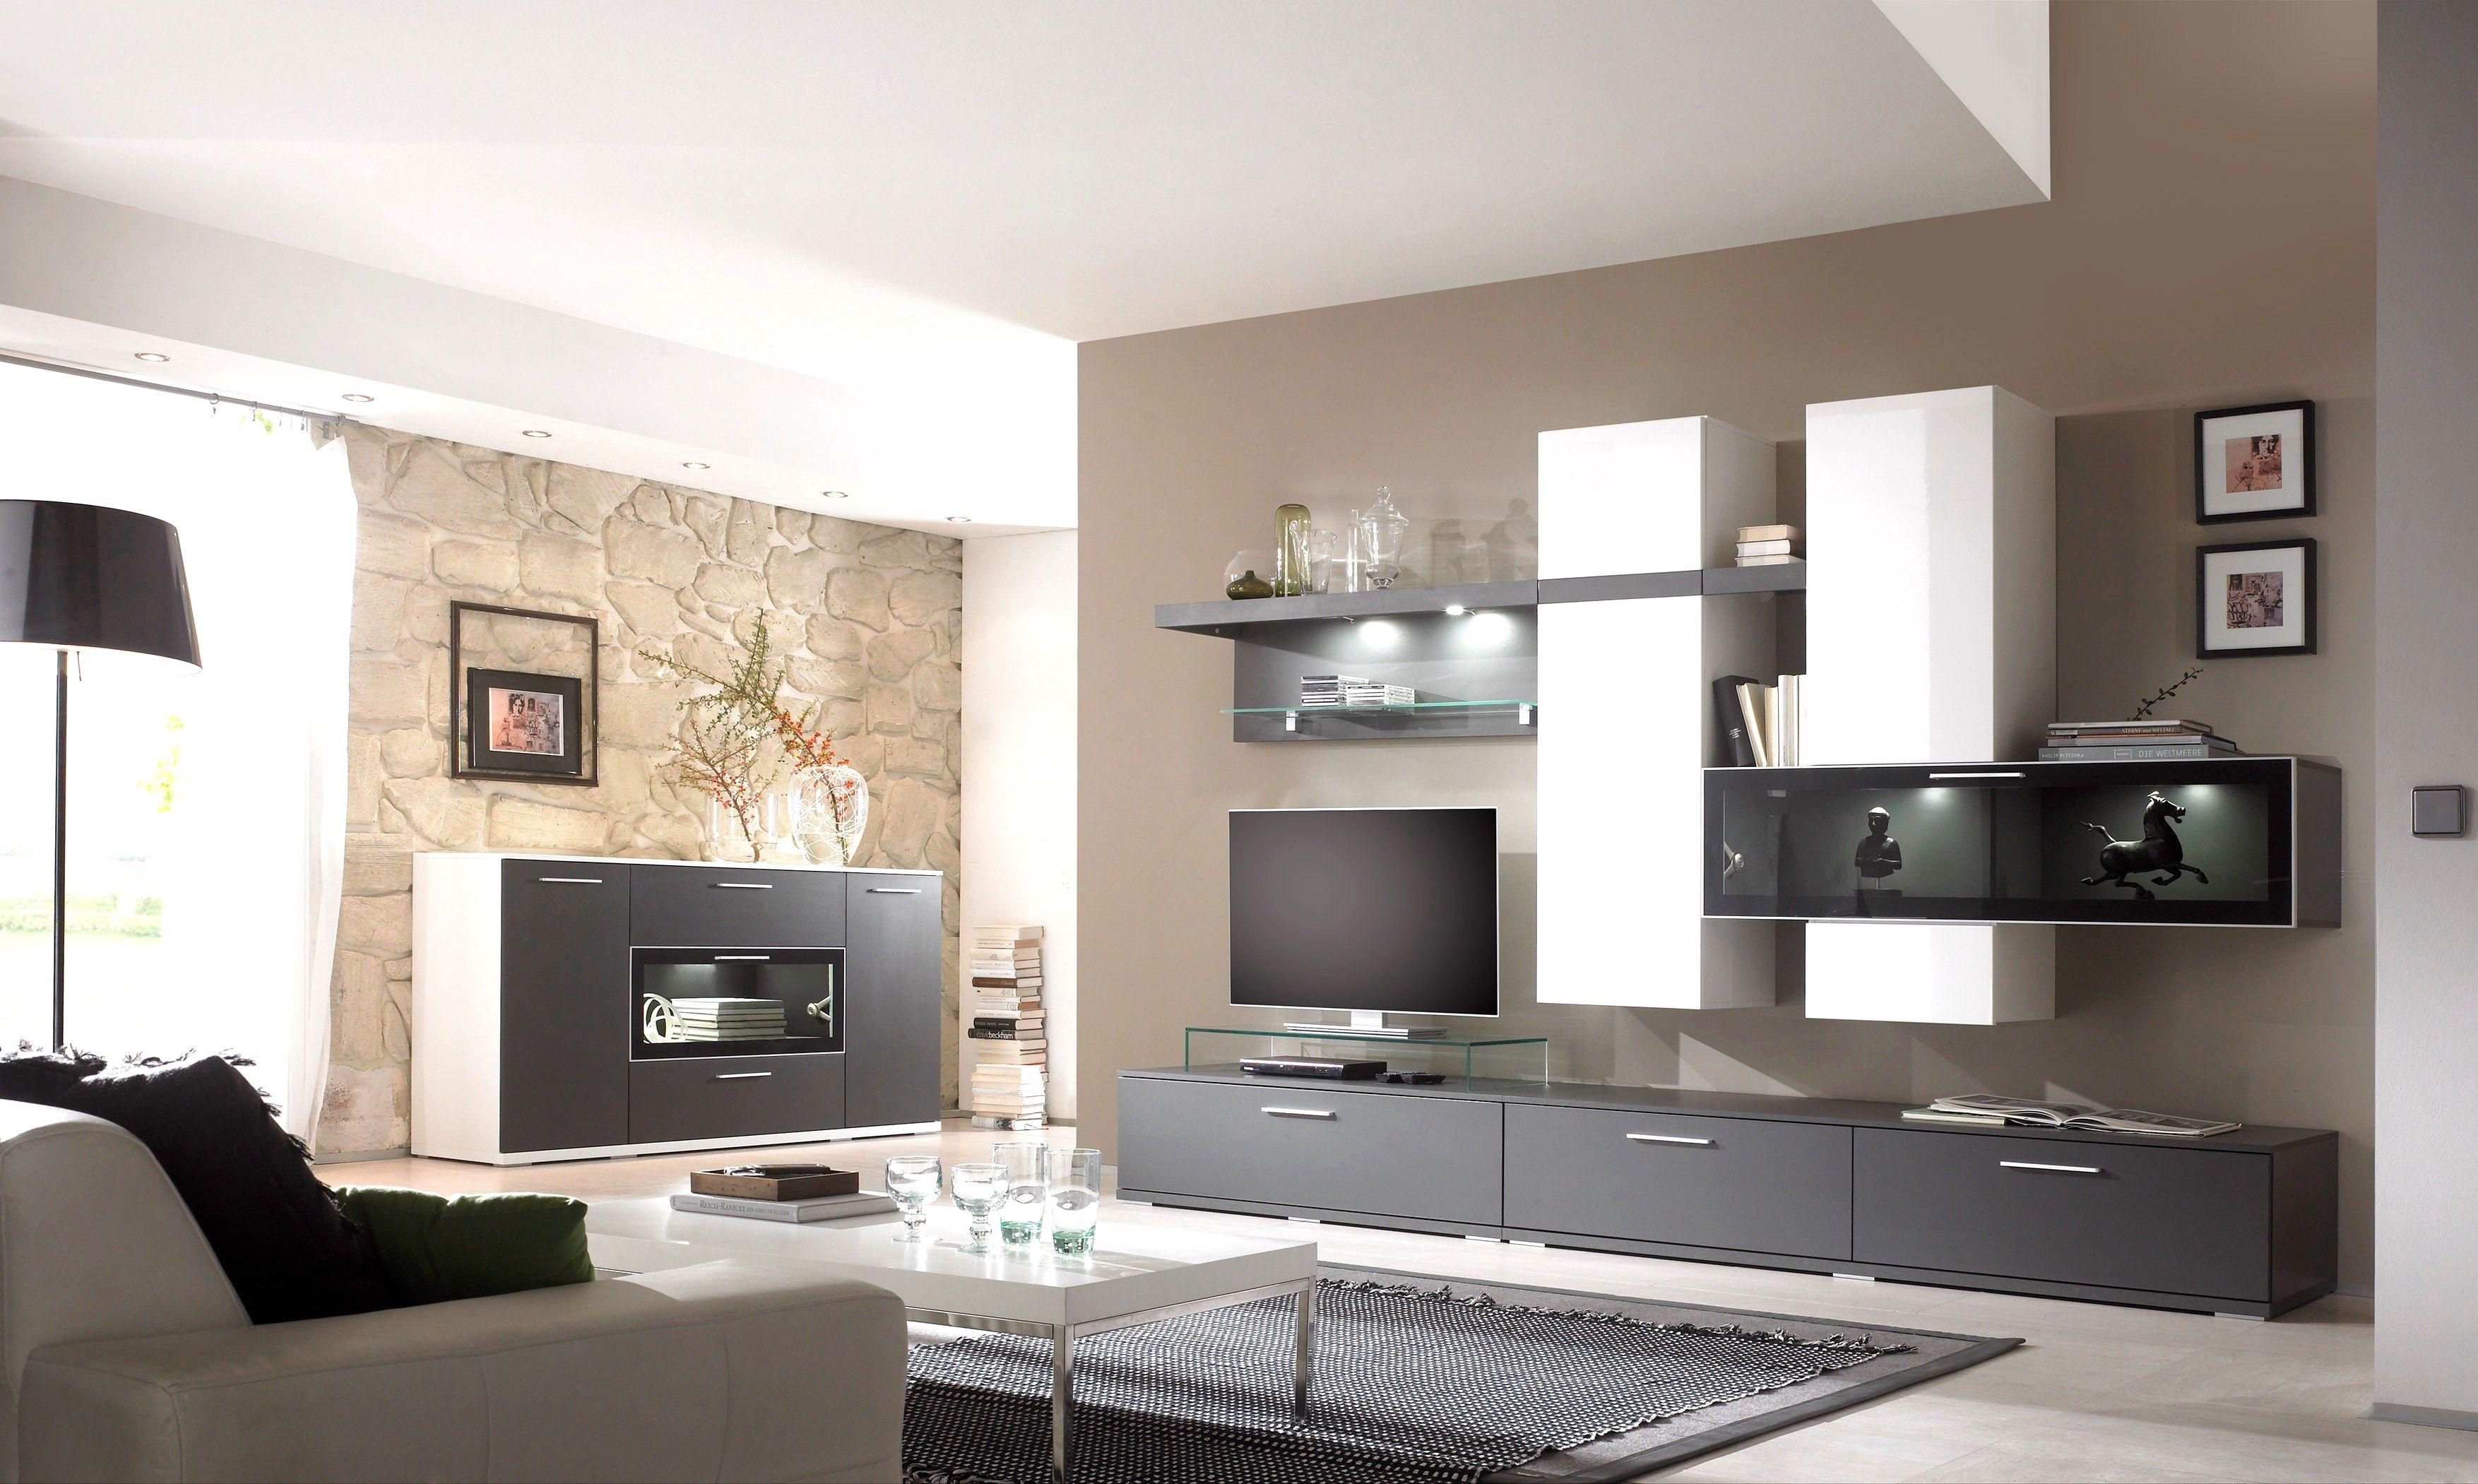 Exquisit Wandfarben Ideen Wohnzimmer Farben 107